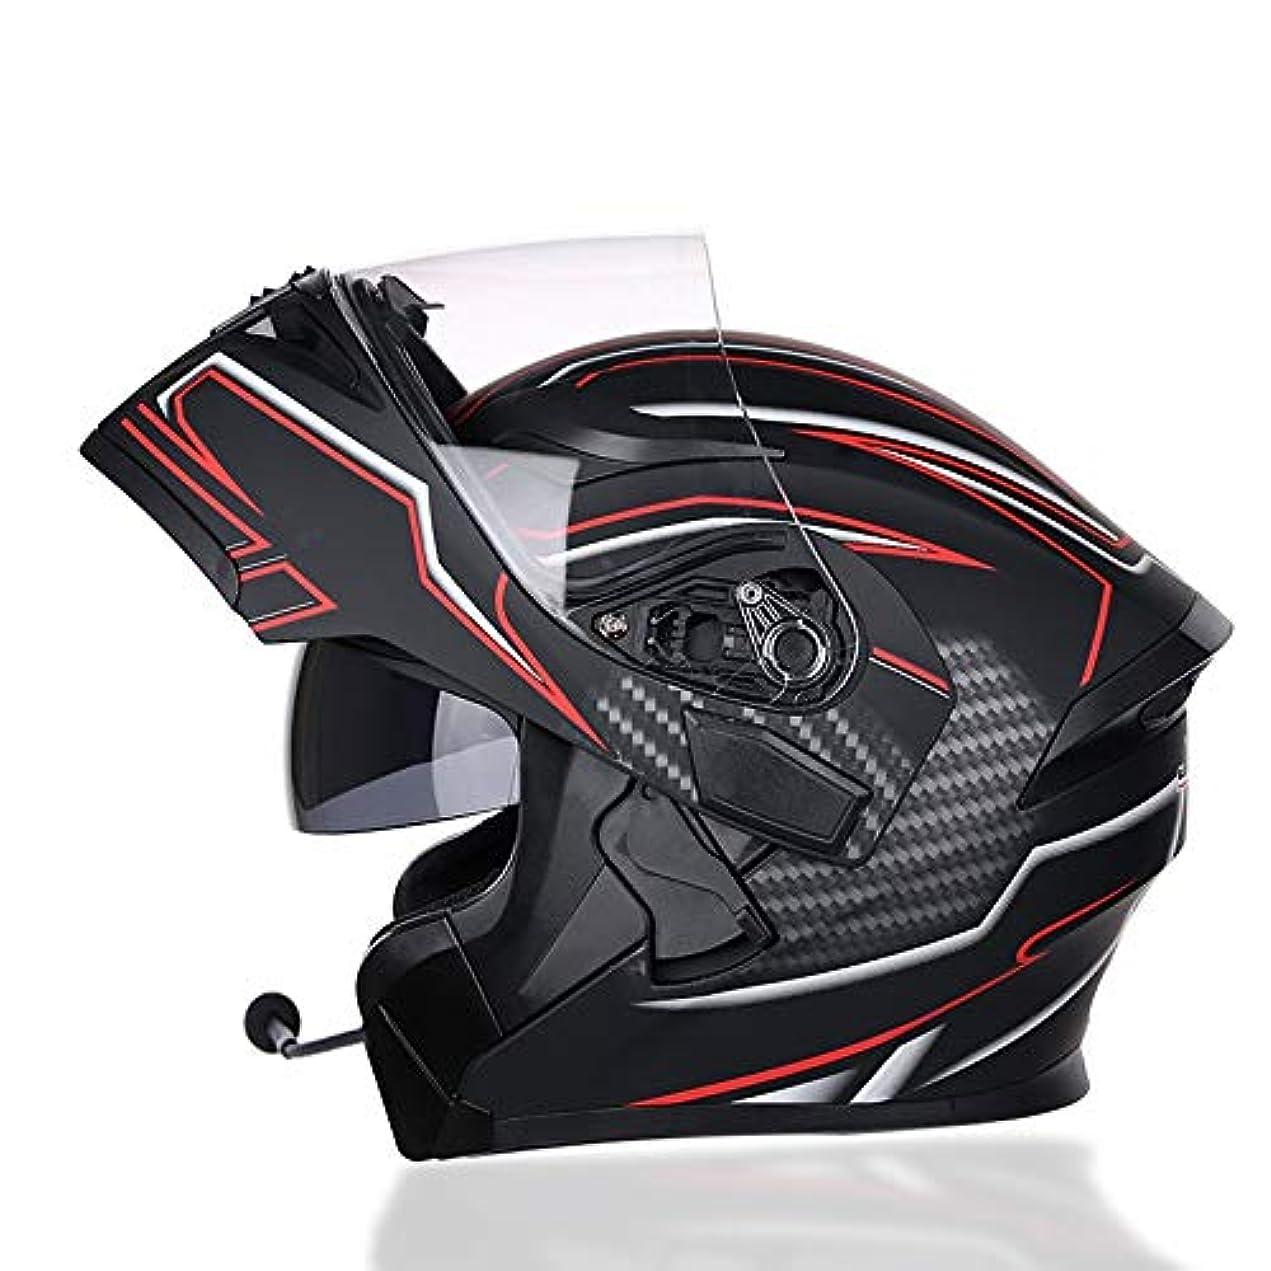 化合物植物学者生産的TOMSSL高品質 ブルートゥースヘルメットダブルレンズ男性と女性フルフェイスブルートゥースヘルメット人格クール機関車レーシングヘルメット黒赤エッジ/ 10メートルを接続することができますブルートゥース TOMSSL高品質